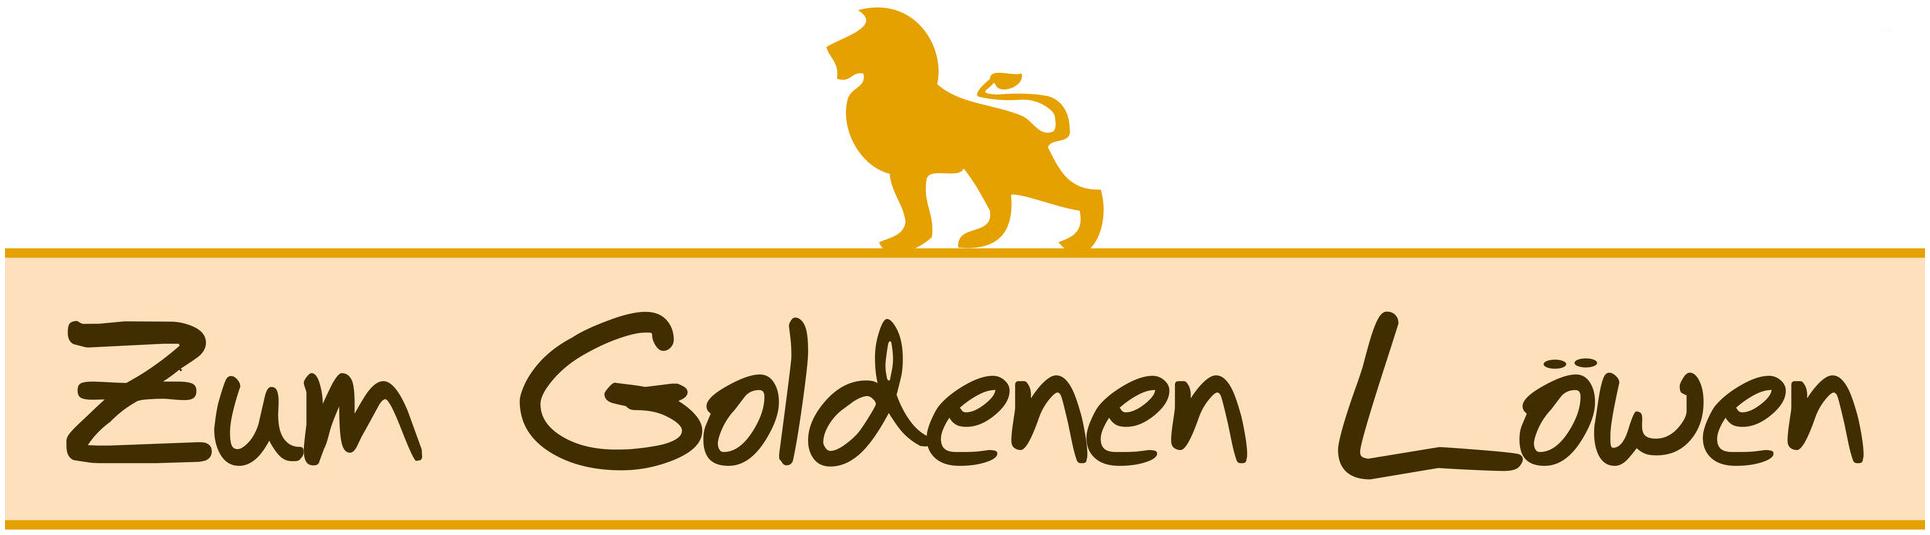 Zum Goldenen Löwen - Ihr Gasthaus in St. Florian im Bezirk Linz-Land. | Gastlichkeit seit 1742 – … eintreten und wohlfühlen im Traditionsgasthaus! Der Goldene Löwe in St Florian bei Linz ist Ihr Gasthaus mit Tradition und Erfahrung.